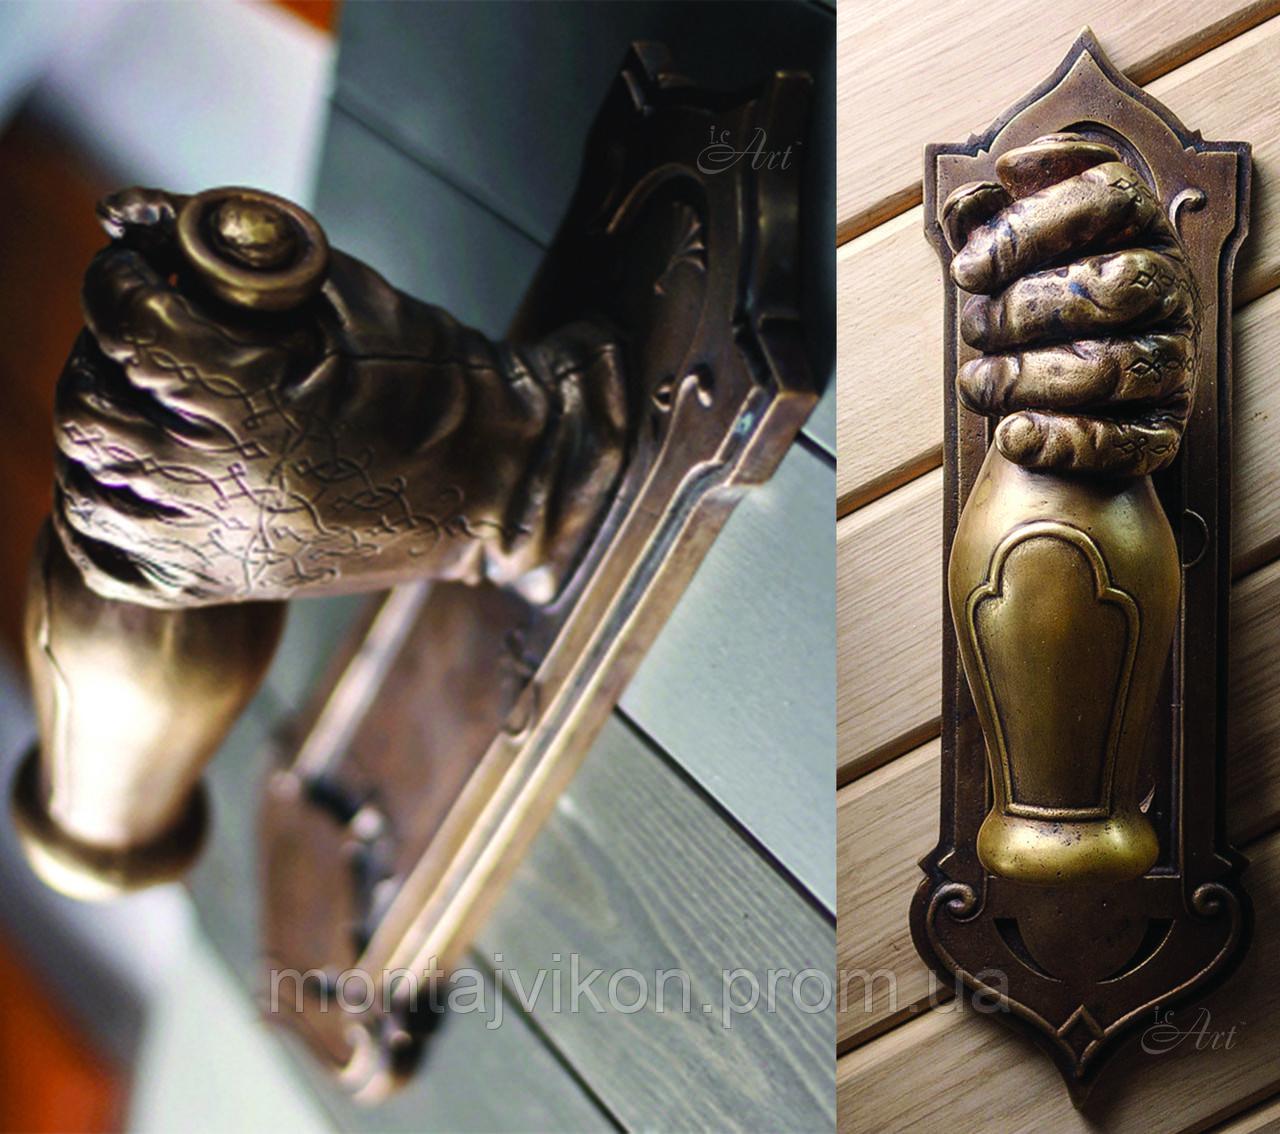 Латунная дверная ручка Паб - фото 5